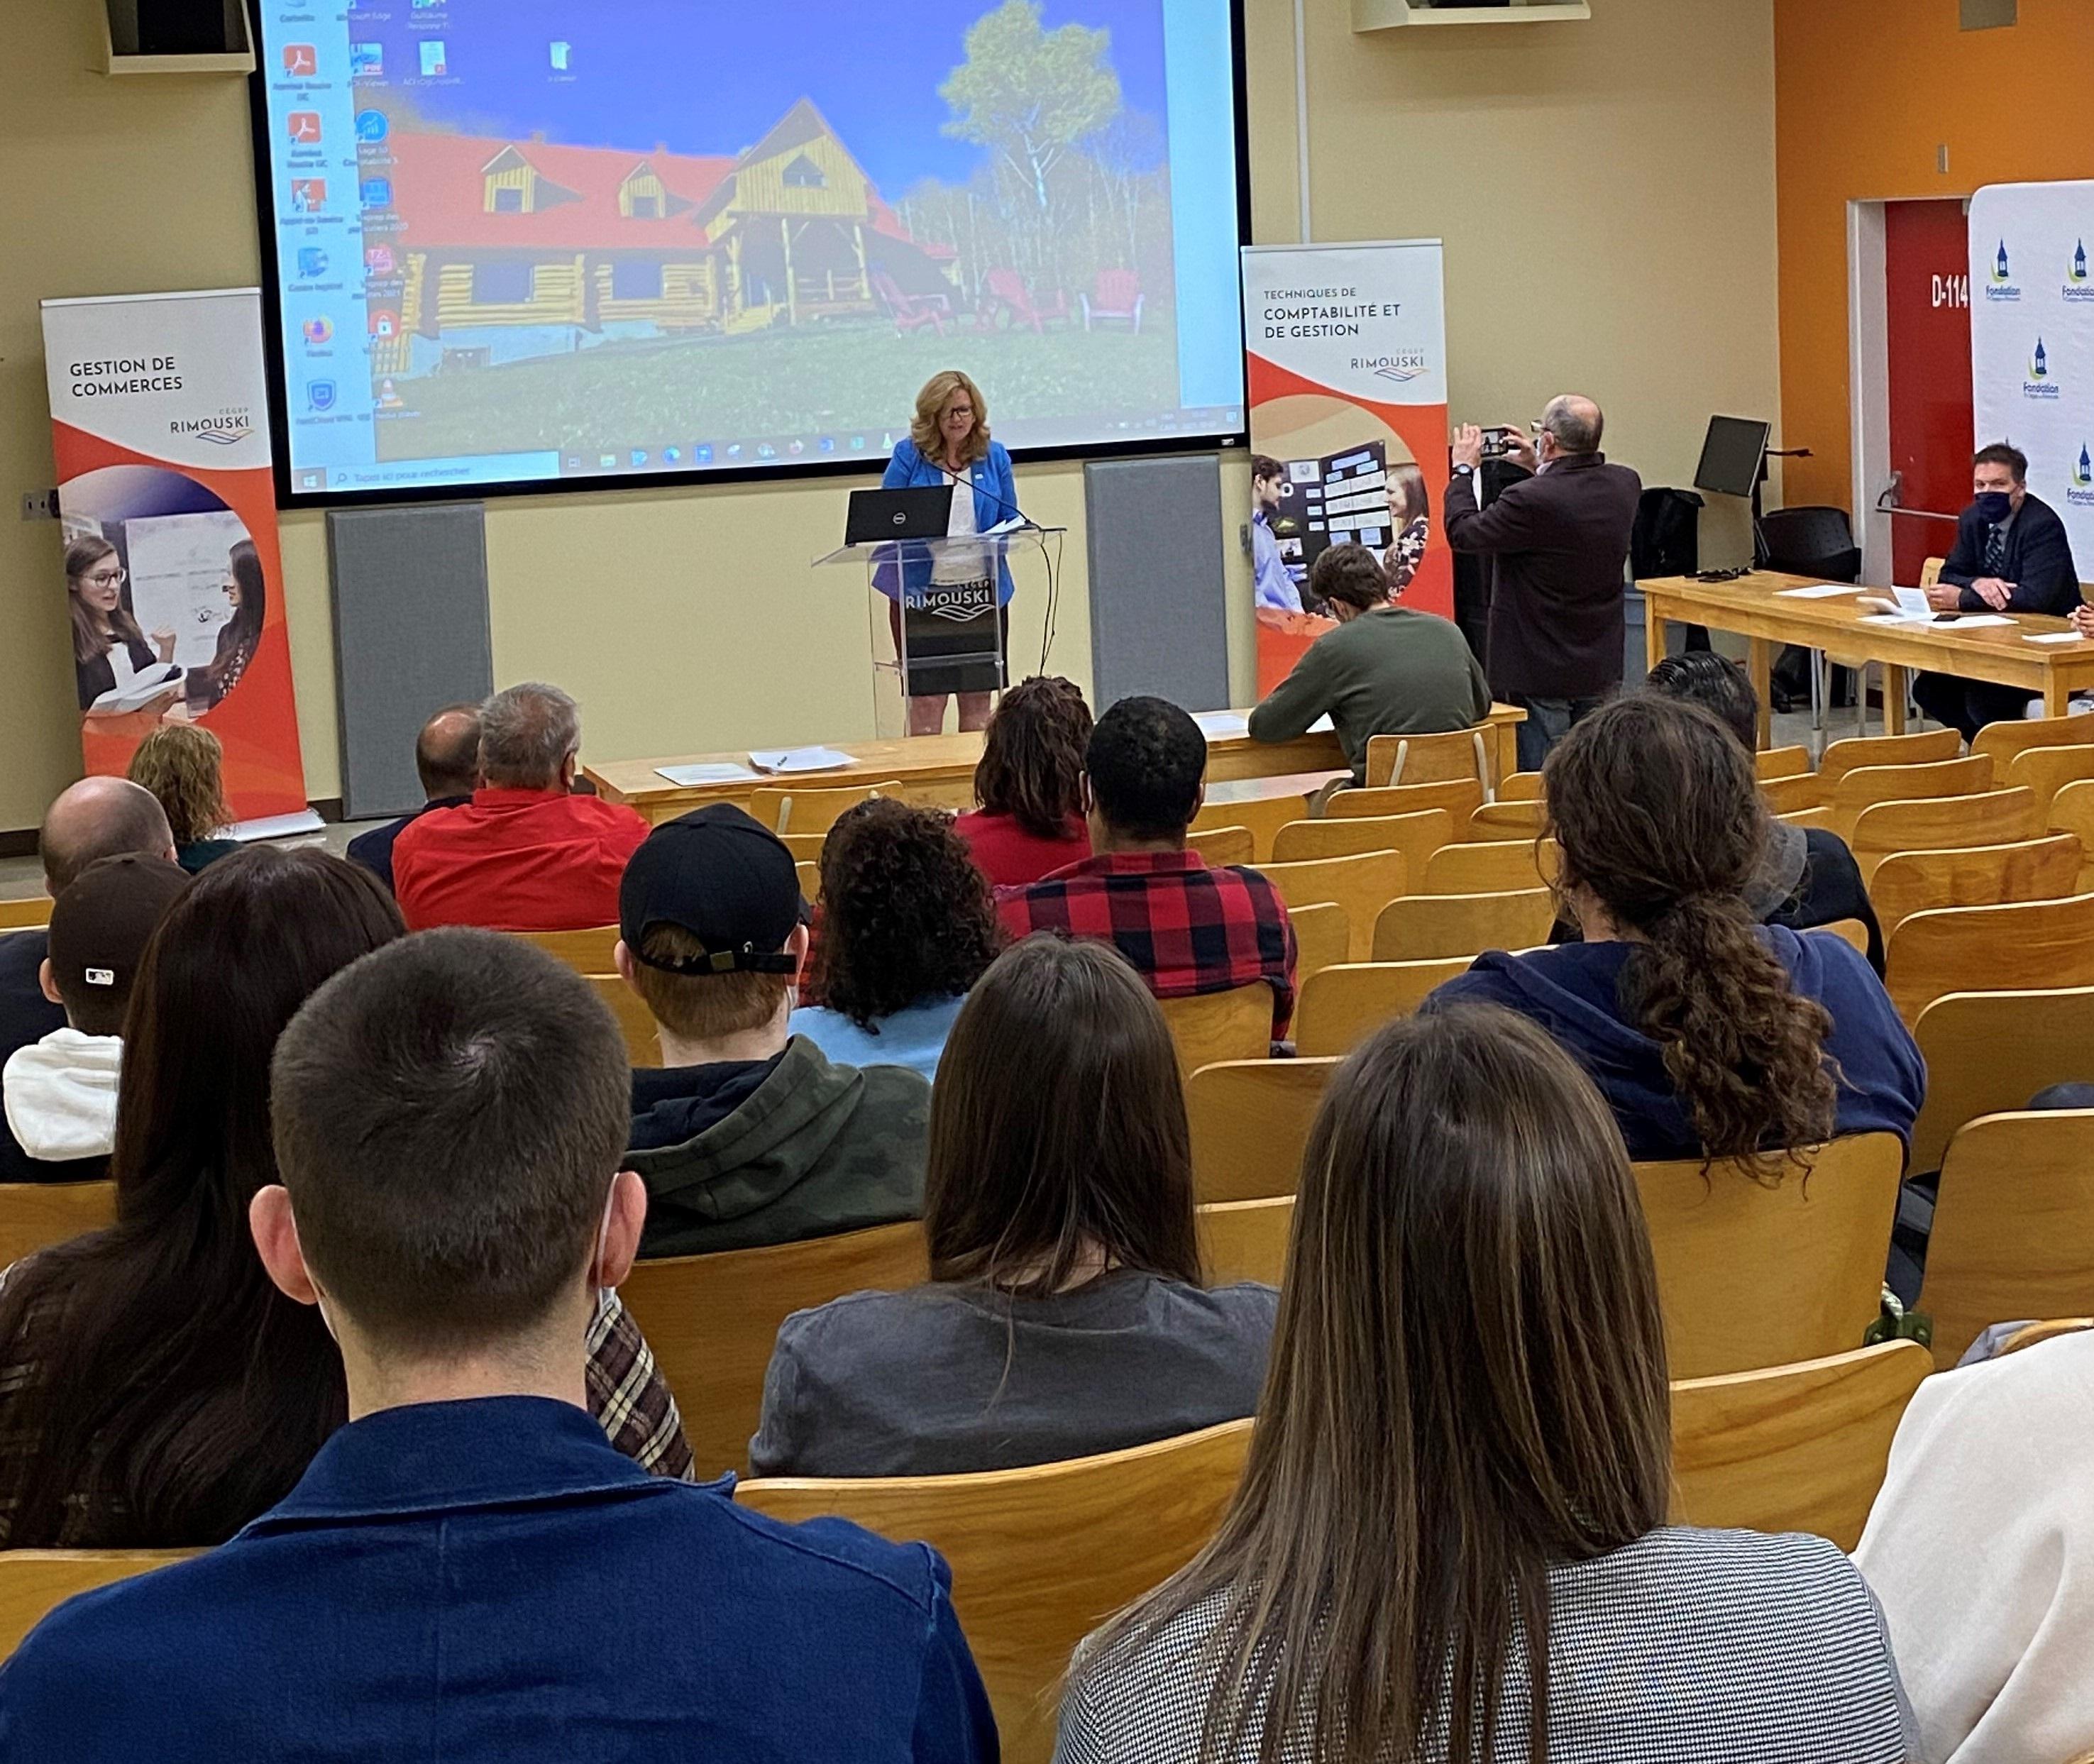 Le premier camp d'entraînement entrepreneurial du Cégep de Rimouski aura lieu du 9 au 13 novembre.